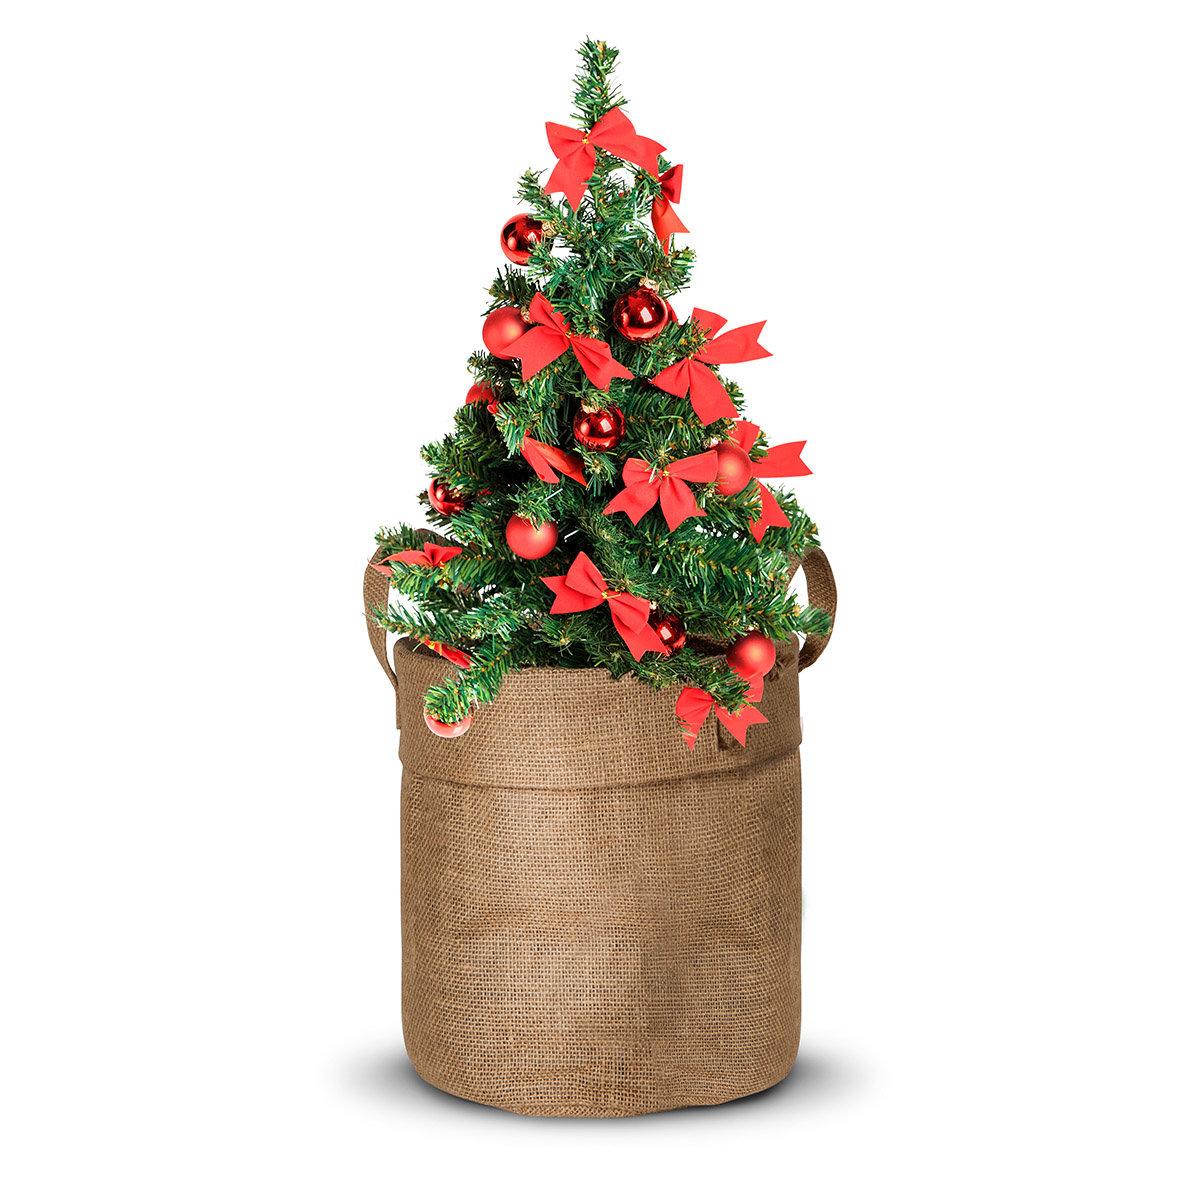 Weihnachtsbäumchen Saatgut im Jute-Anzuchtbeutel, inkl. 6 Liter Erde und Weihnachtskarte | #5